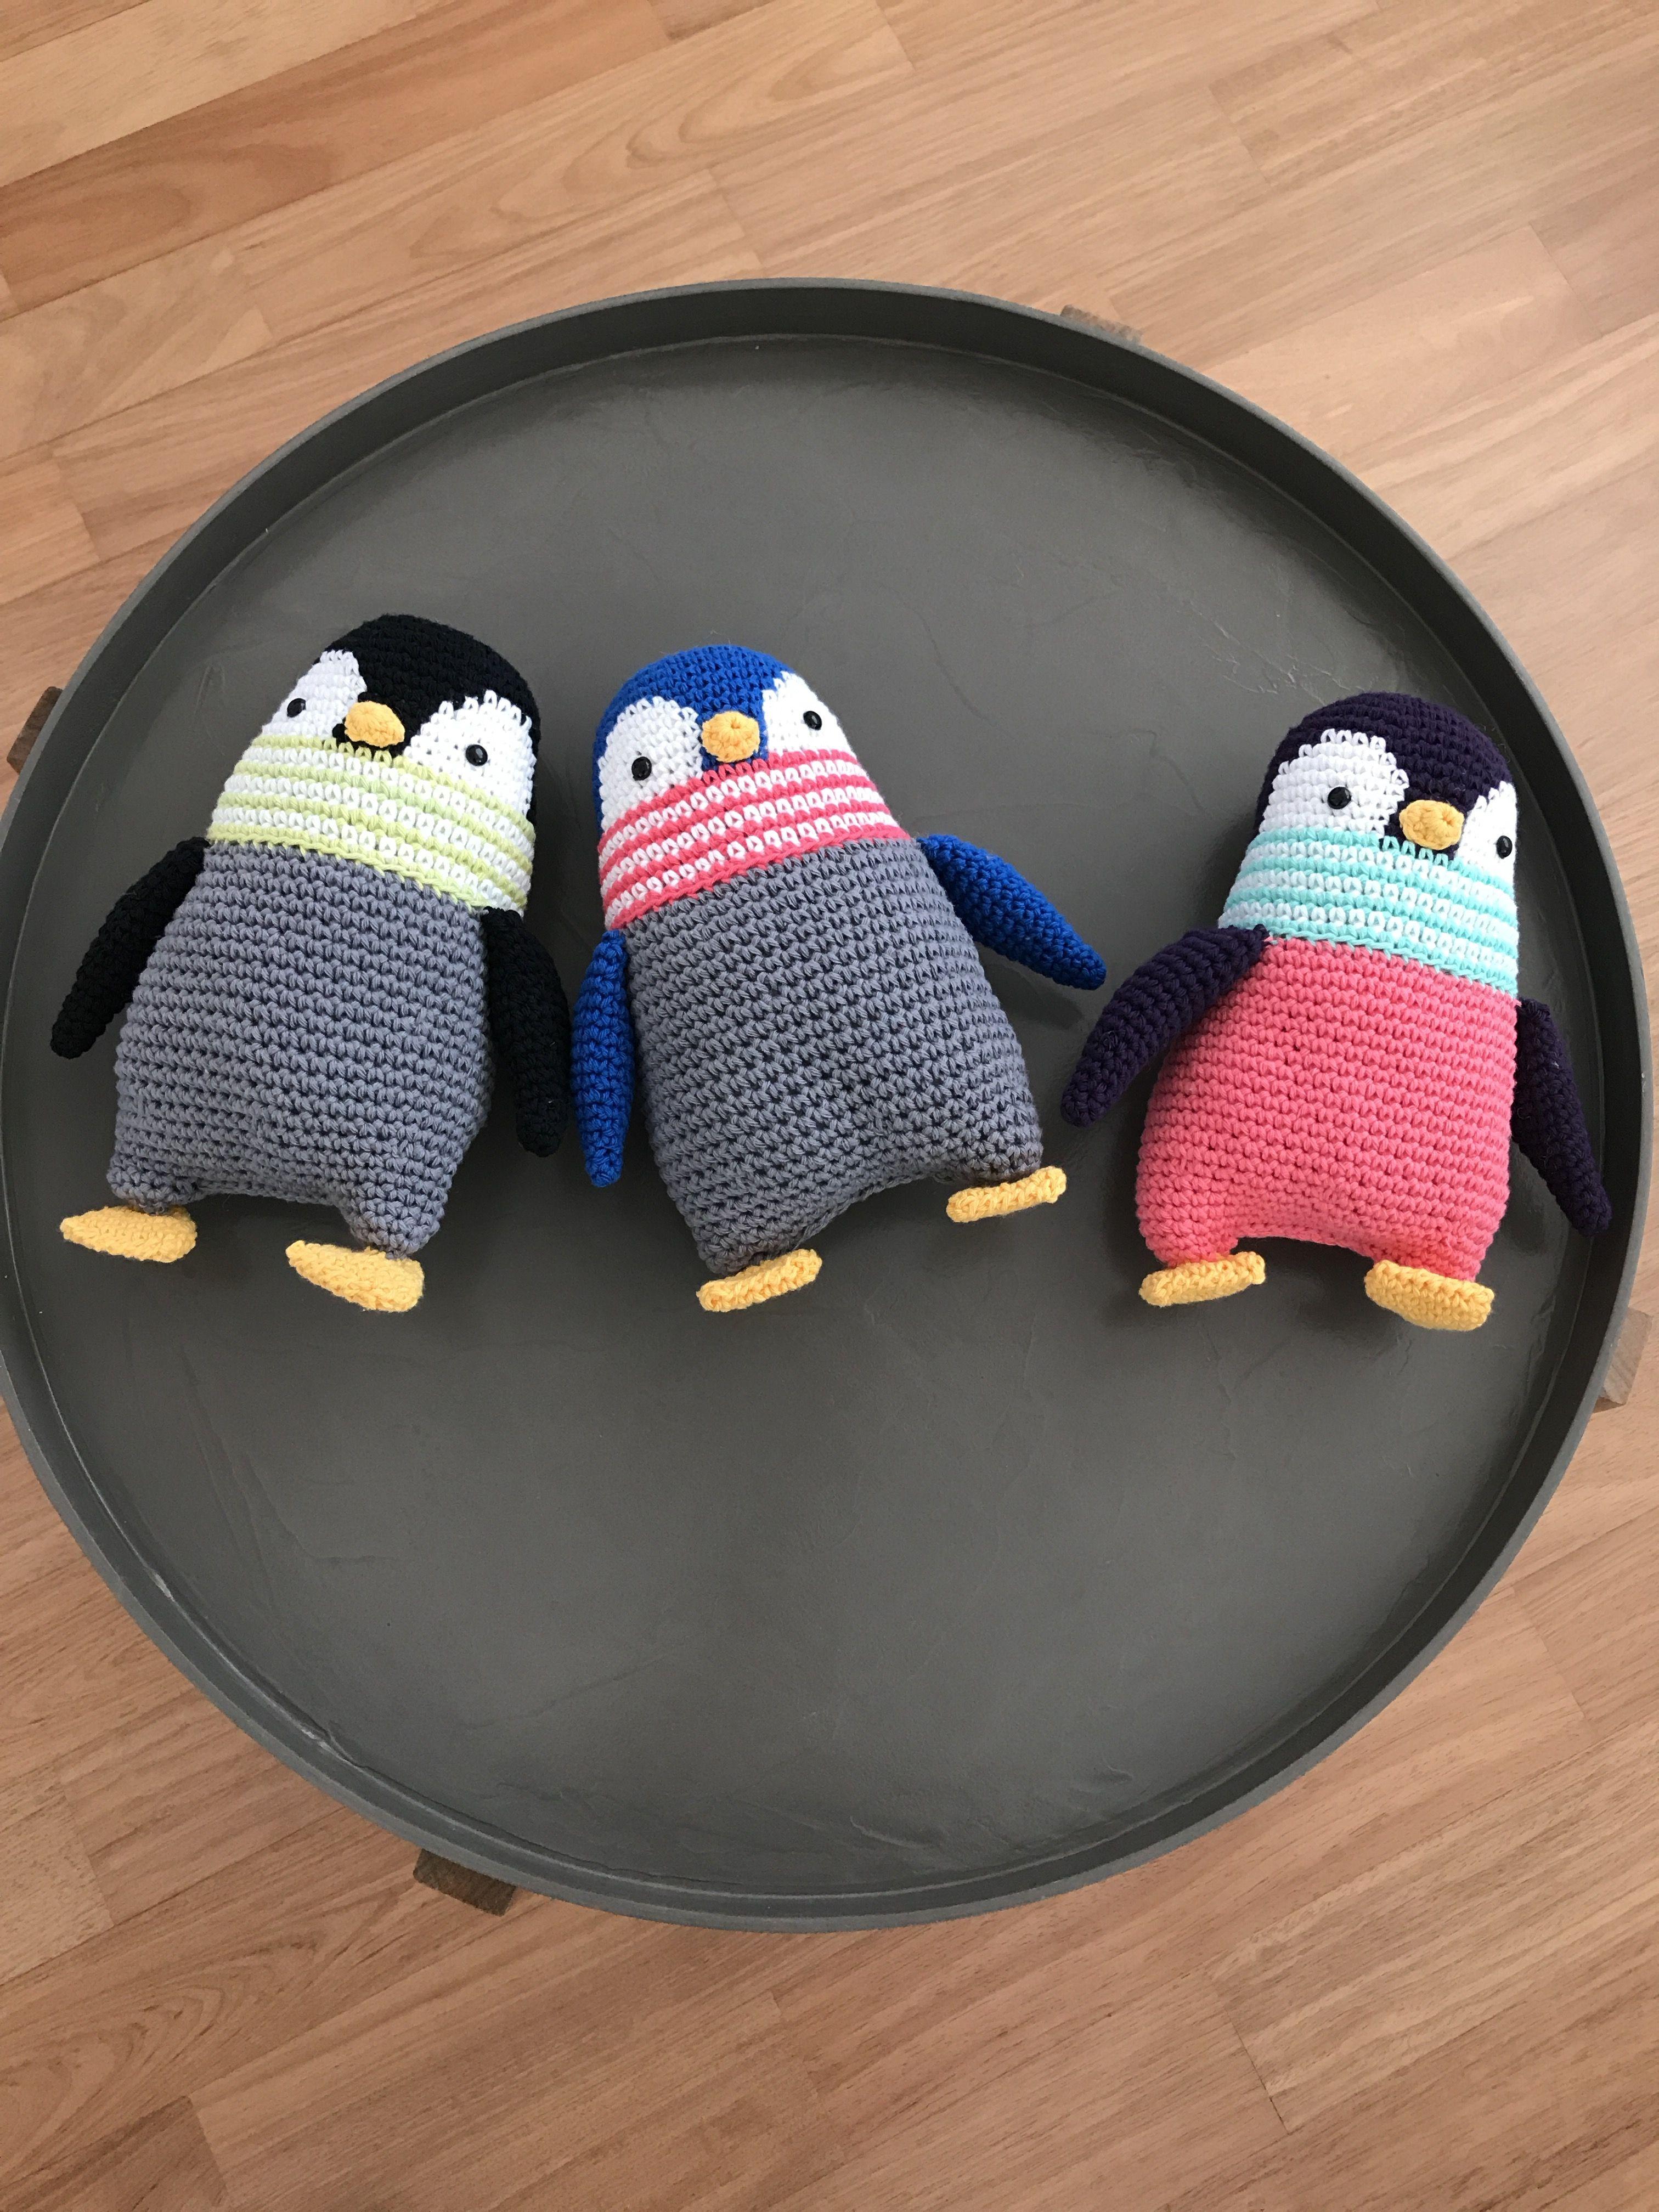 Pingvin Pingviner Hækle Hækling Hæklet Garn Penguin Series